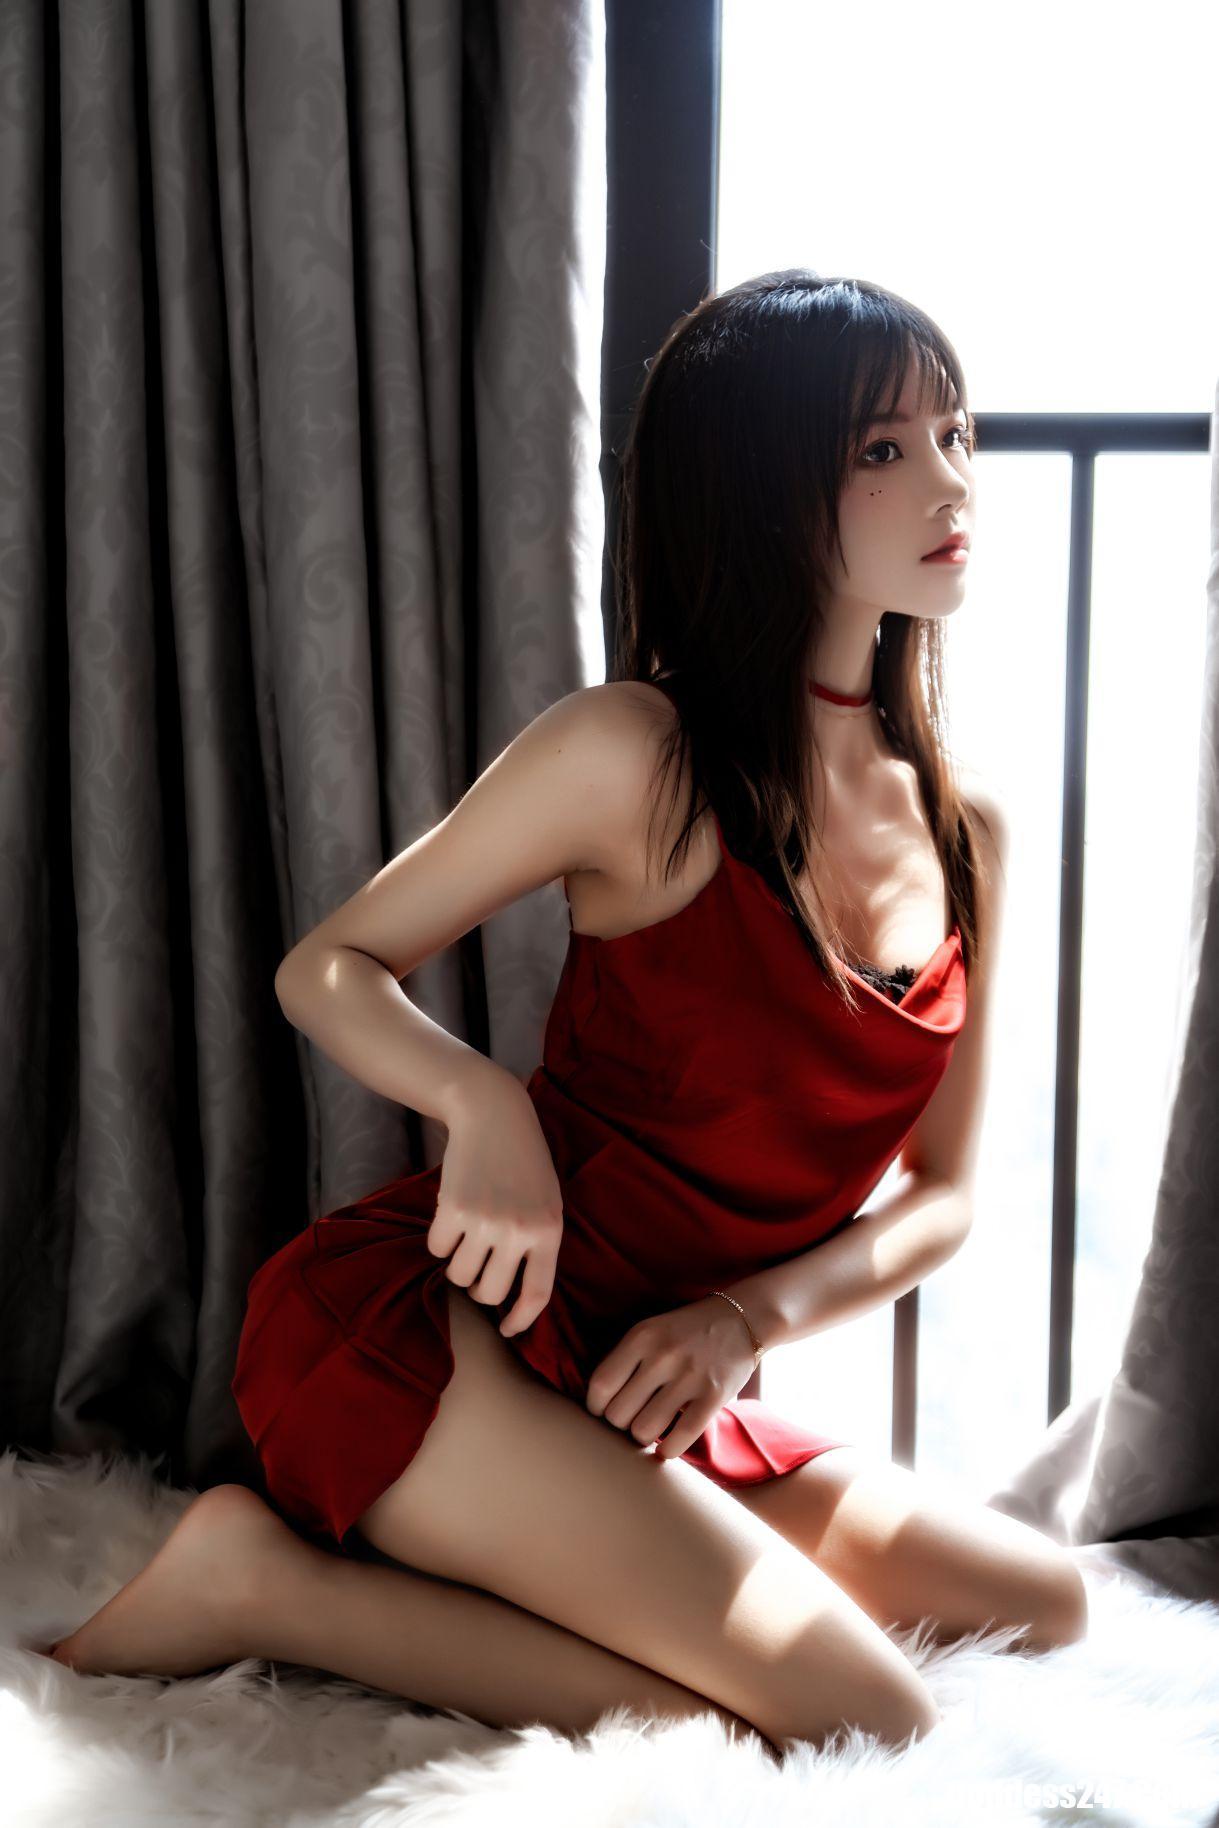 红01+02, 桜桃喵, Coser@桜桃喵 Vol.025 红01+02, Cherry Meow